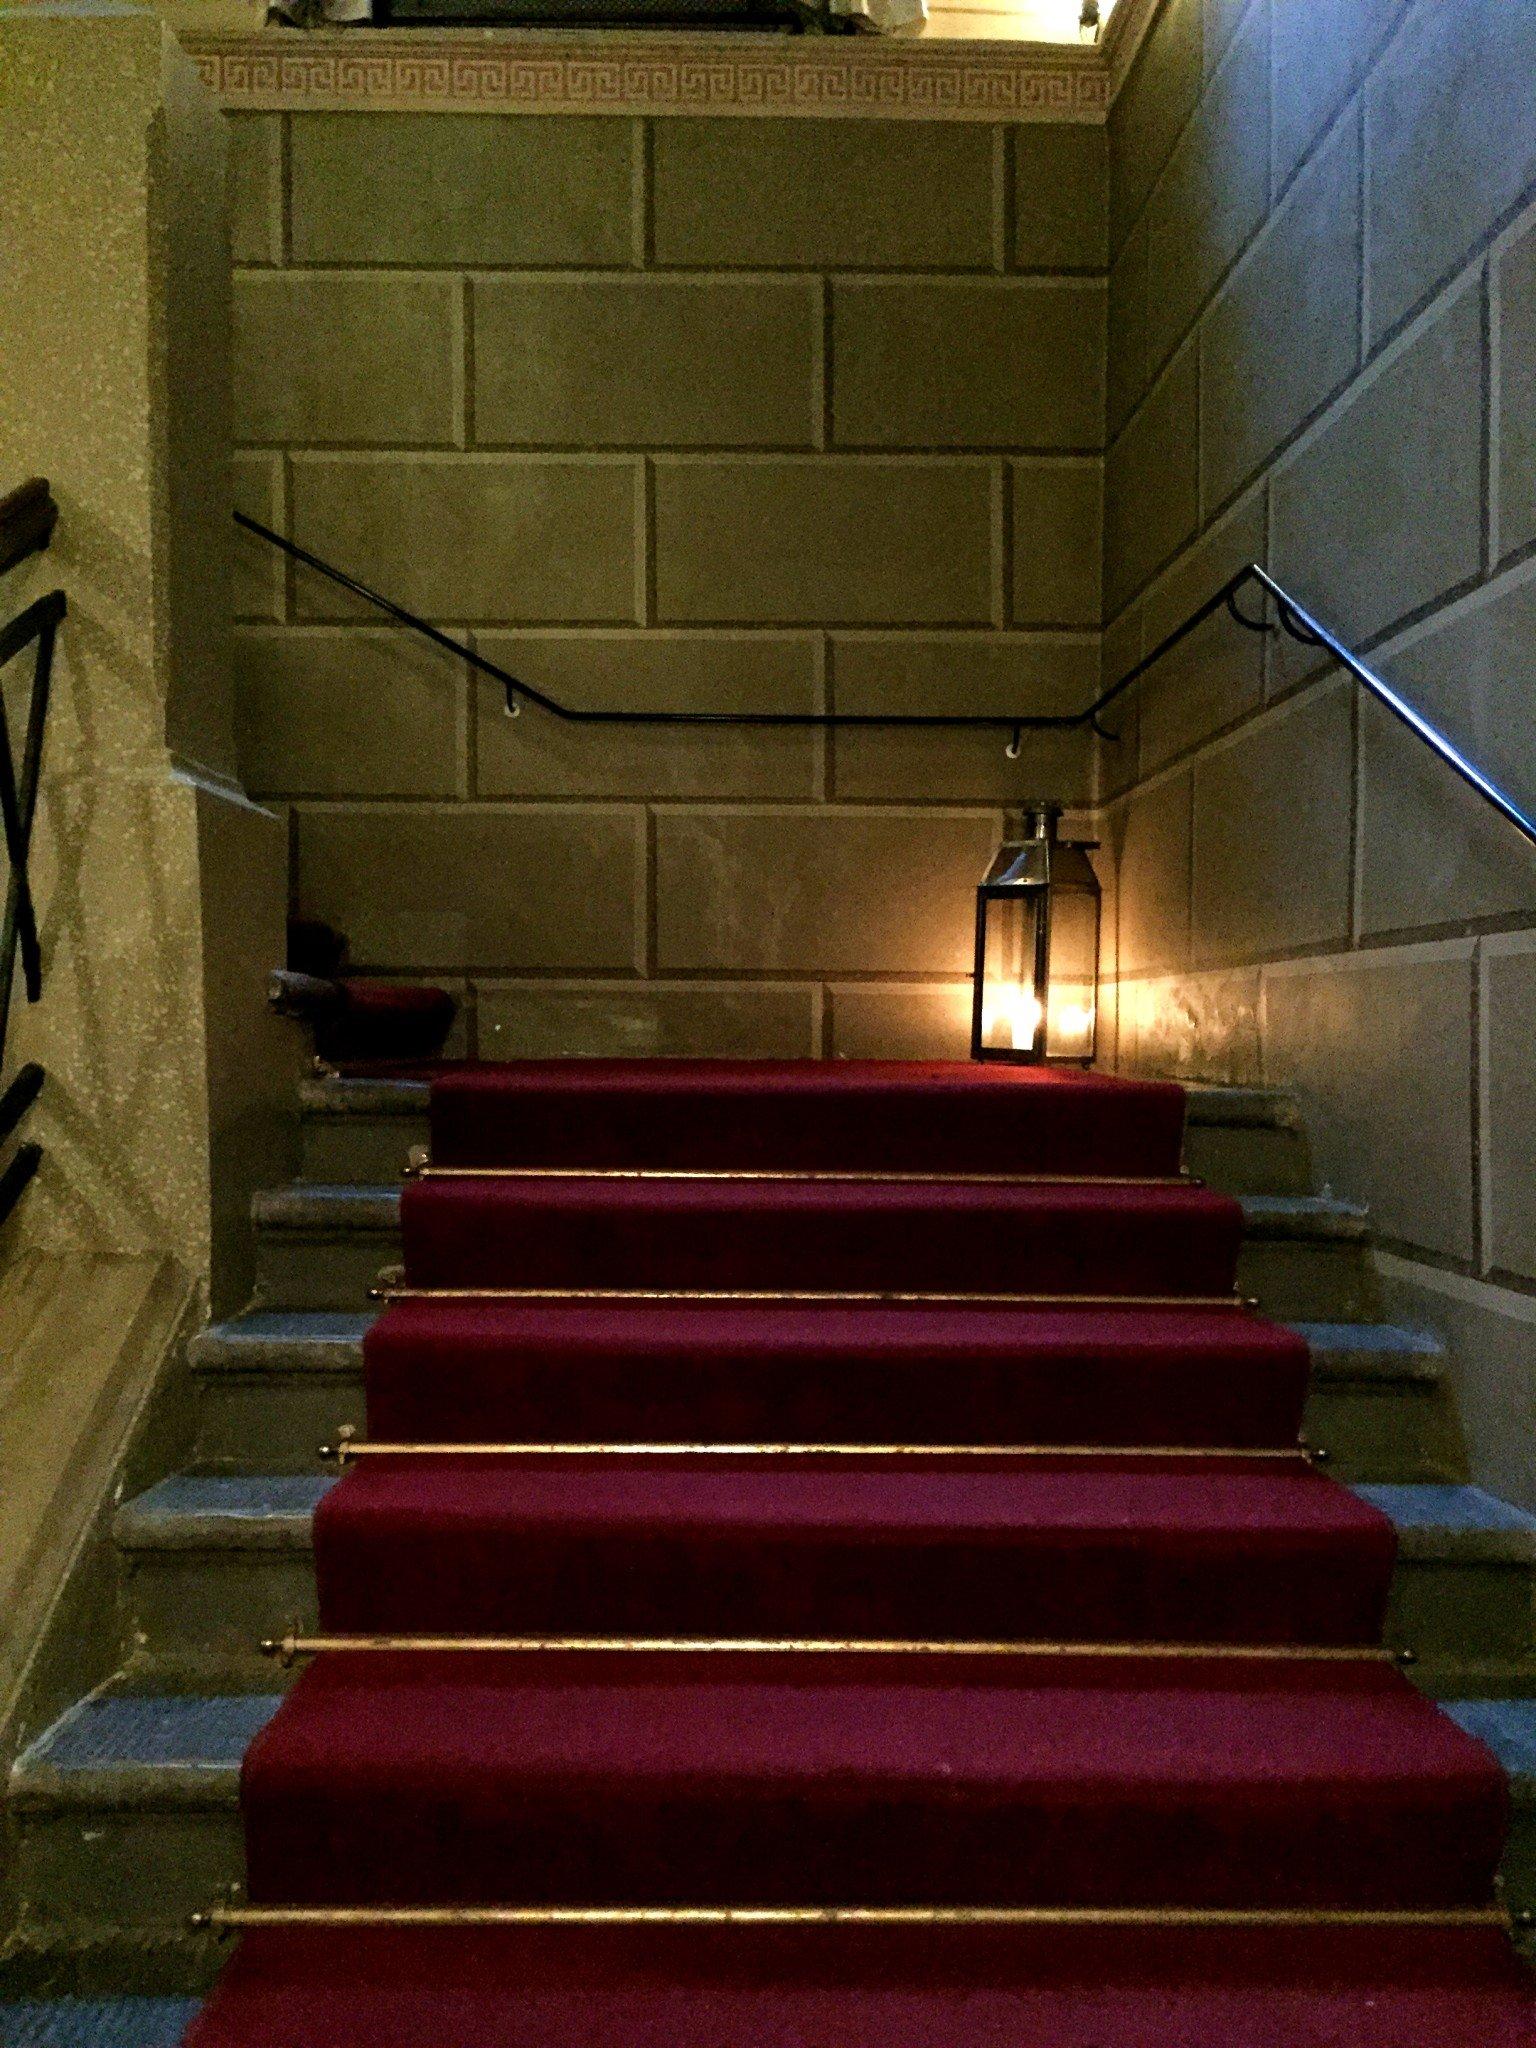 Aamiaistilaan kuljetaan näitä jykeviä portaita pitkin